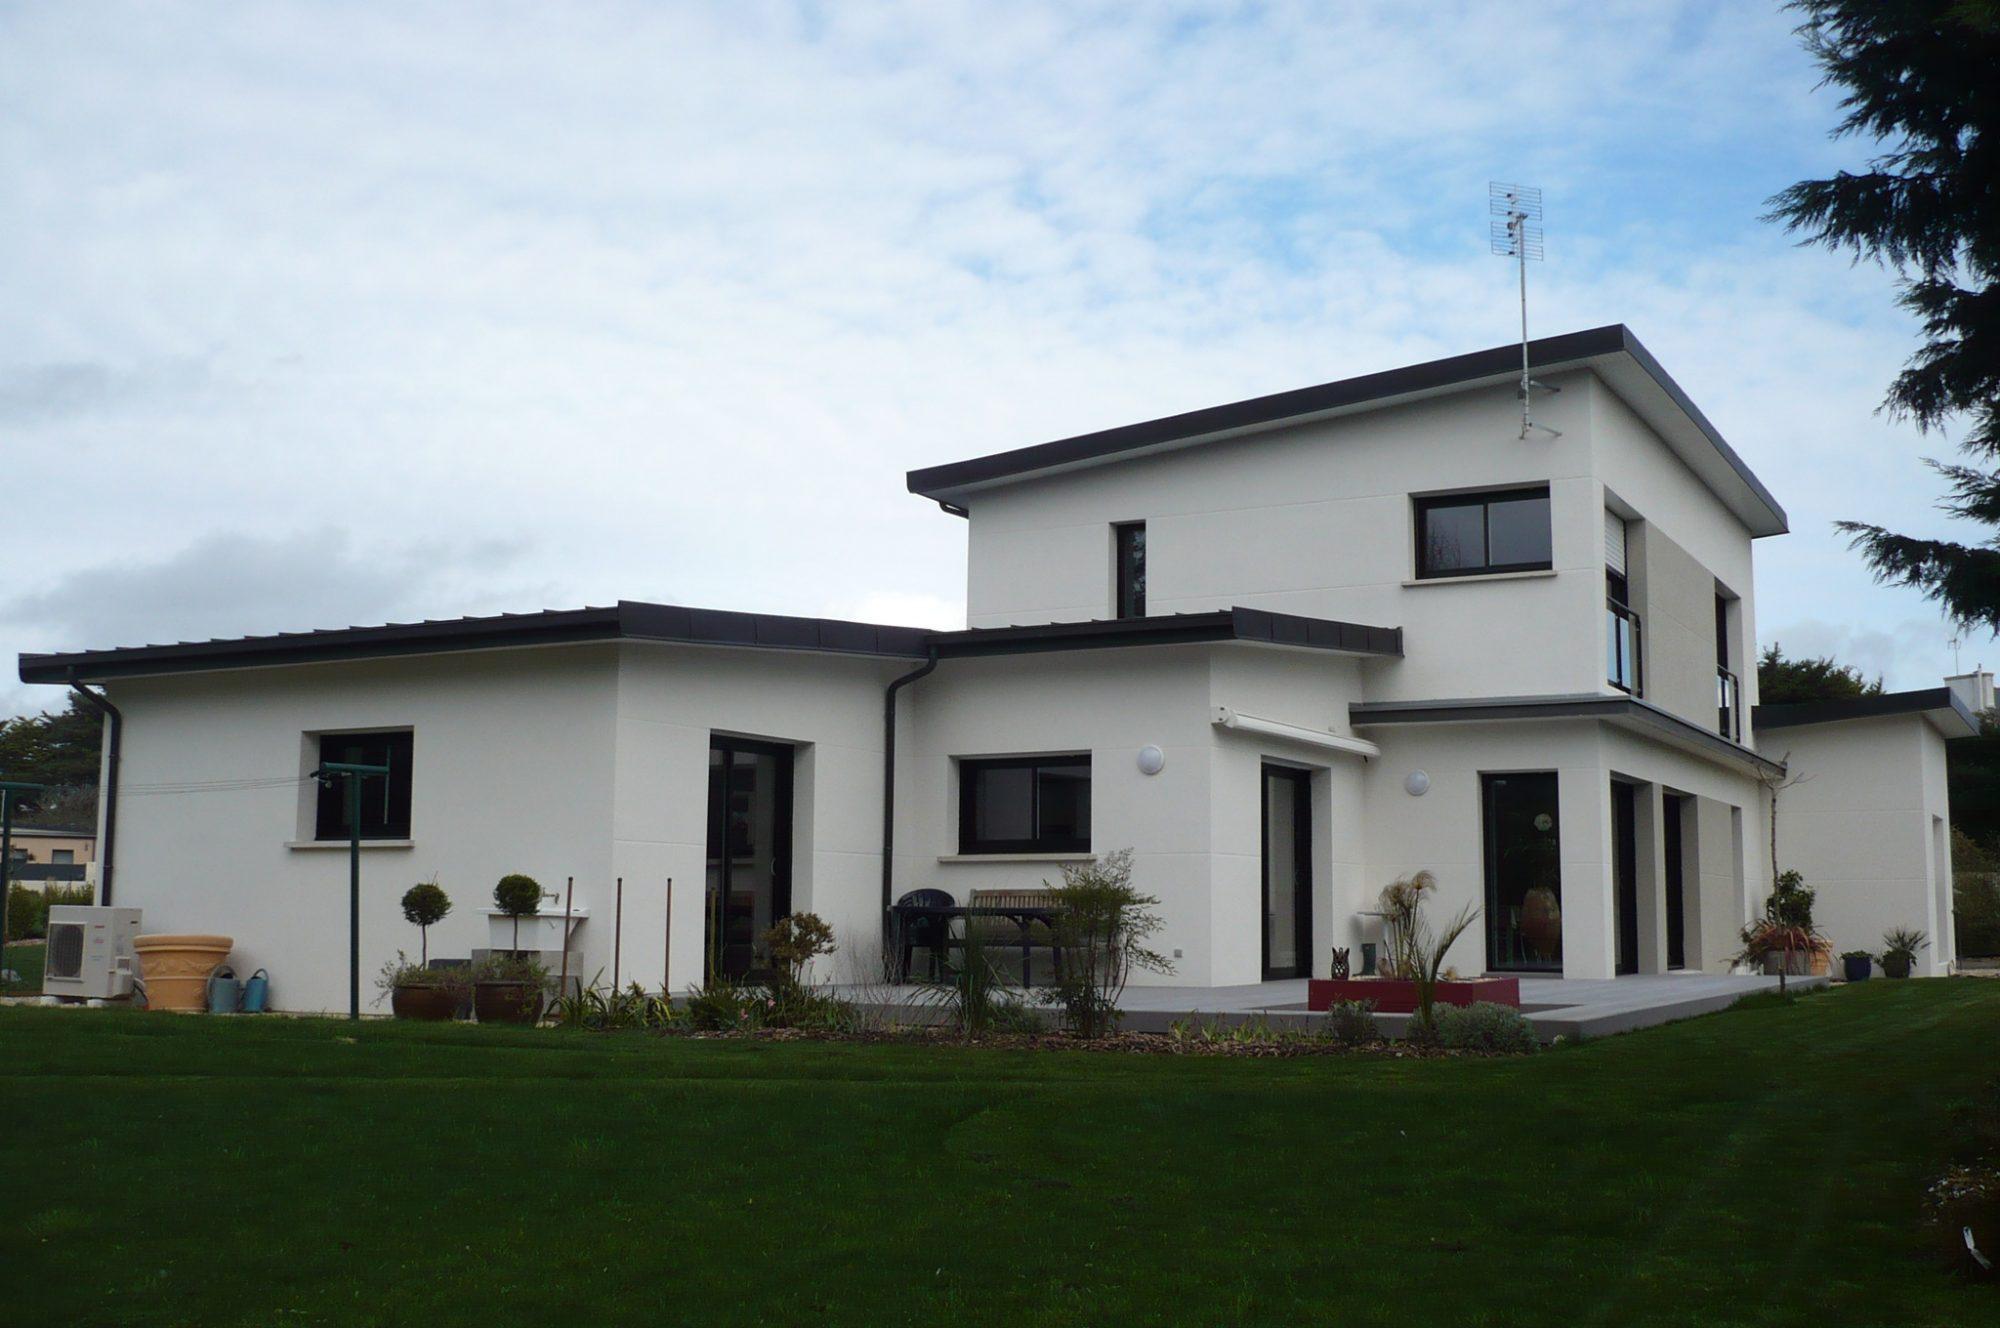 Constructeur maison contemporaine maison garnier